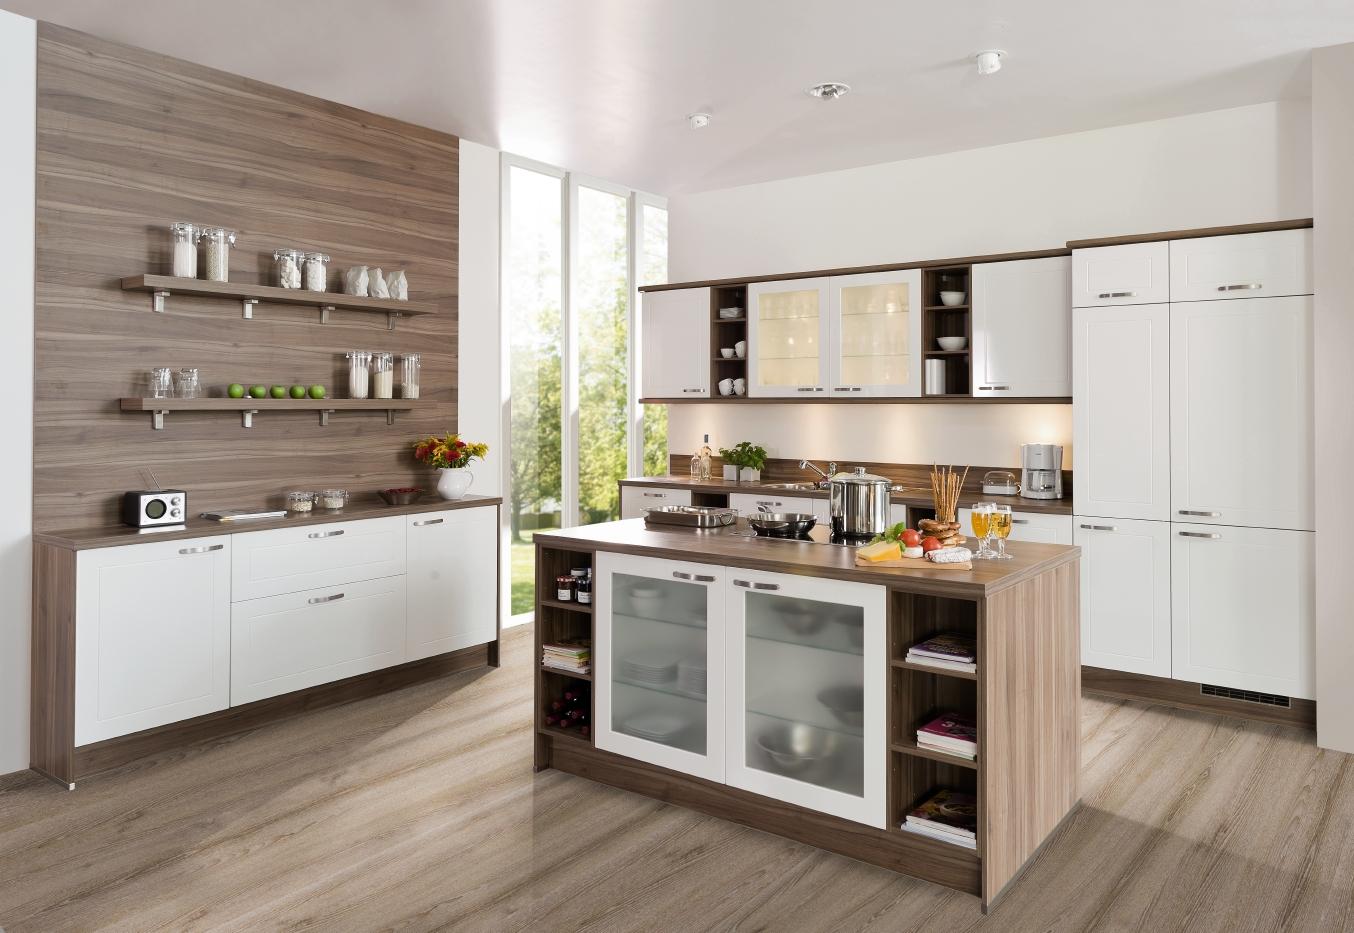 singleblock kche singleblock kche with singleblock kche. Black Bedroom Furniture Sets. Home Design Ideas